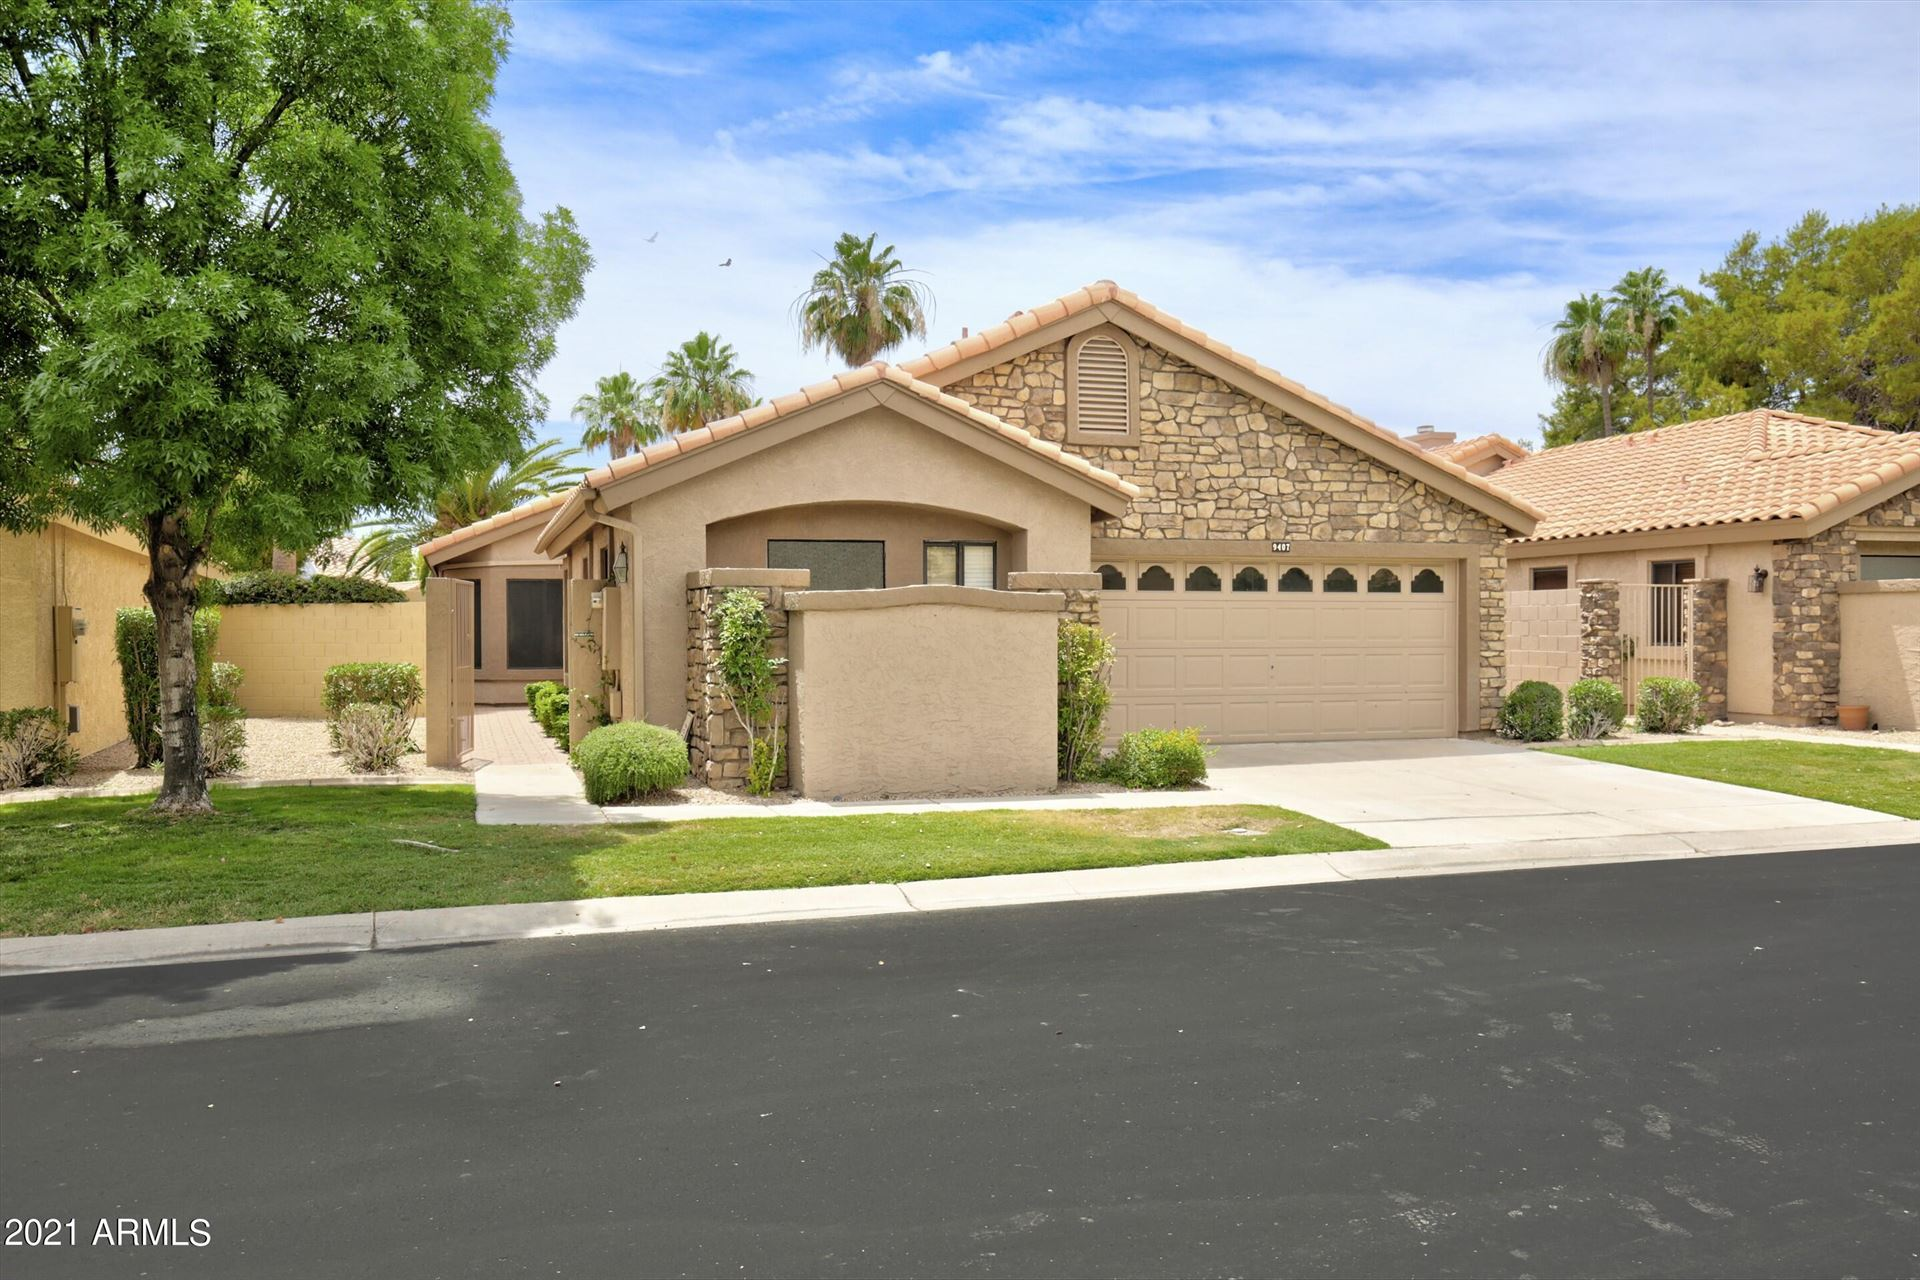 Photo of 9407 W KERRY Lane, Peoria, AZ 85382 (MLS # 6249734)